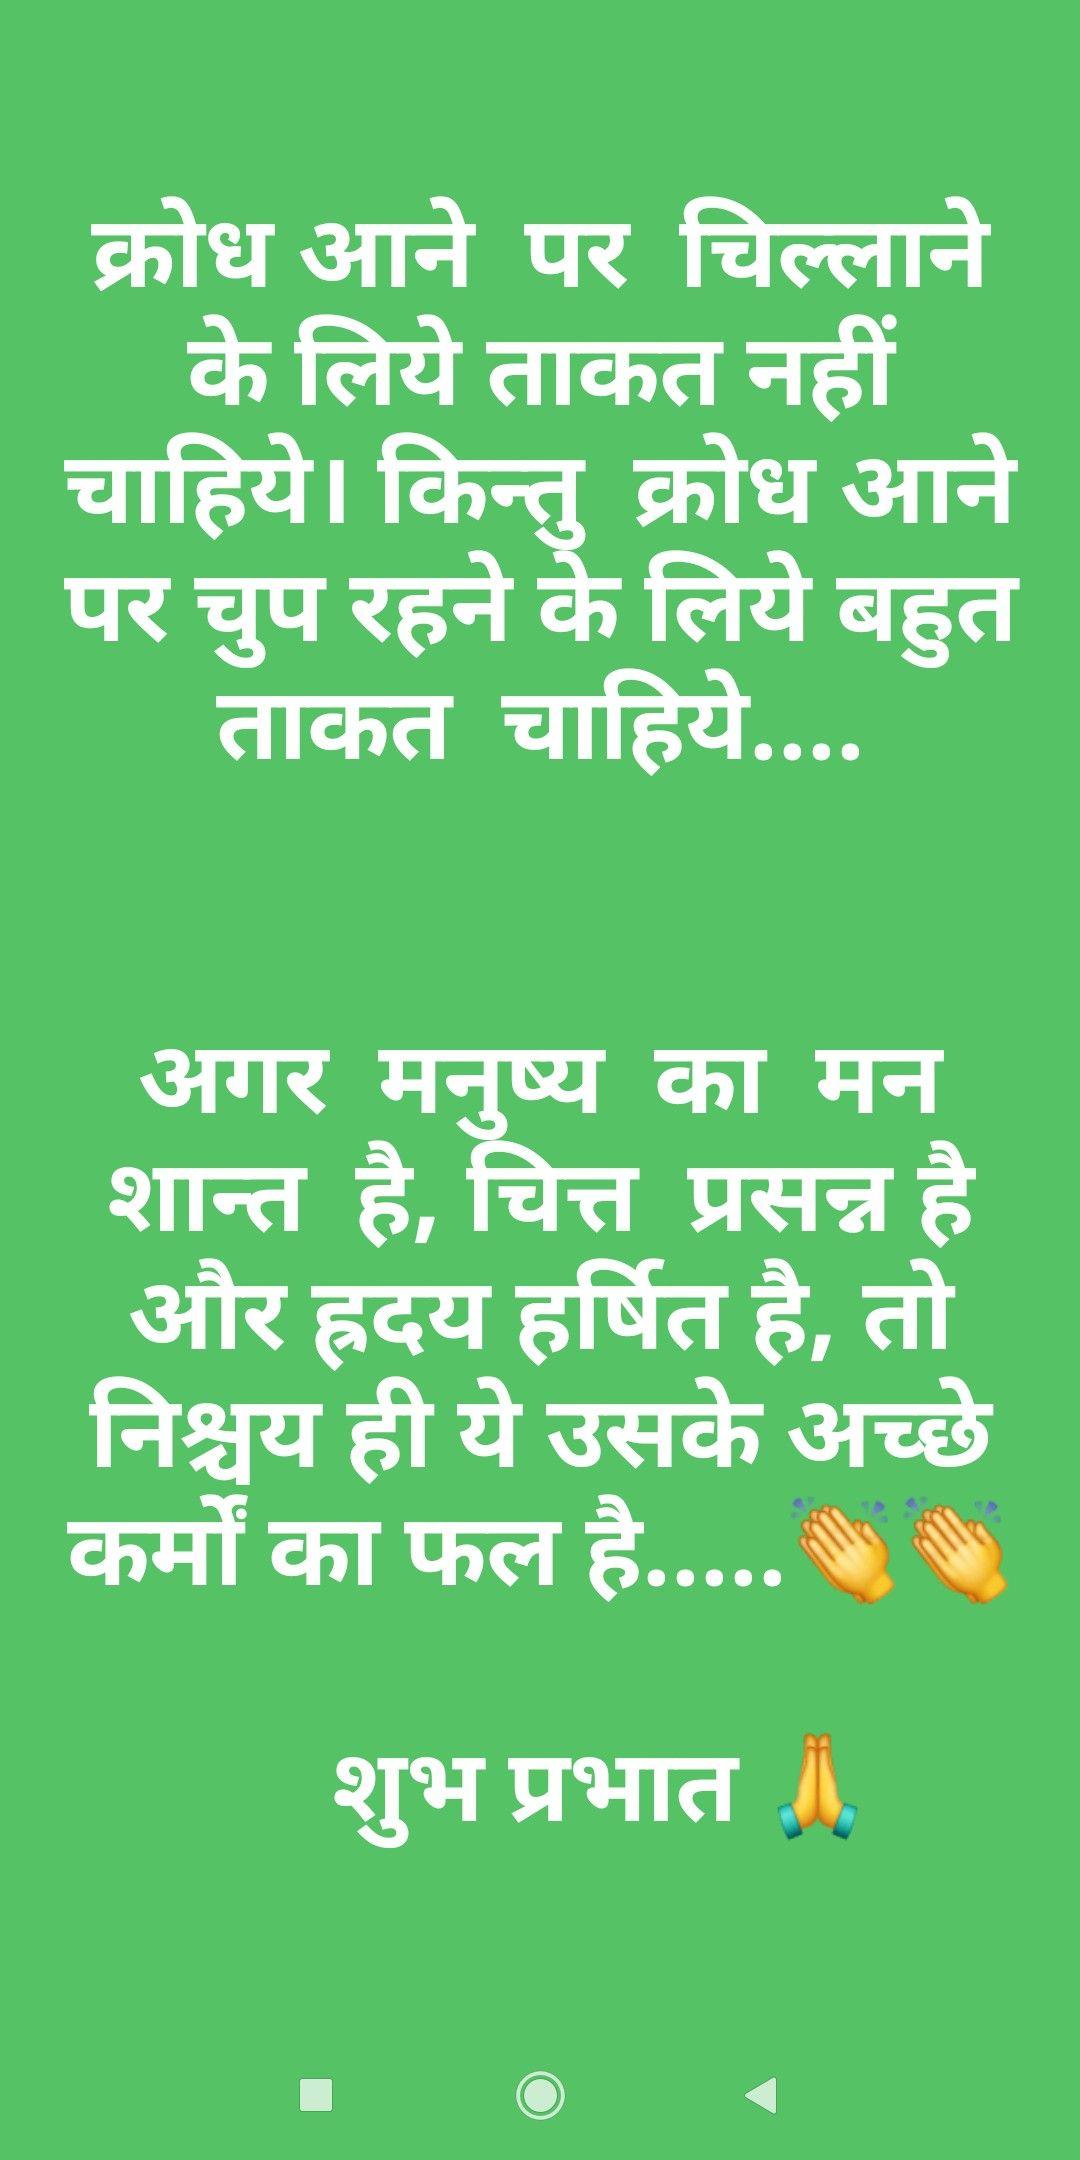 Pin by 🐿SHARMA🐿 on GOOD MORNING SHARMA | Hindi quotes